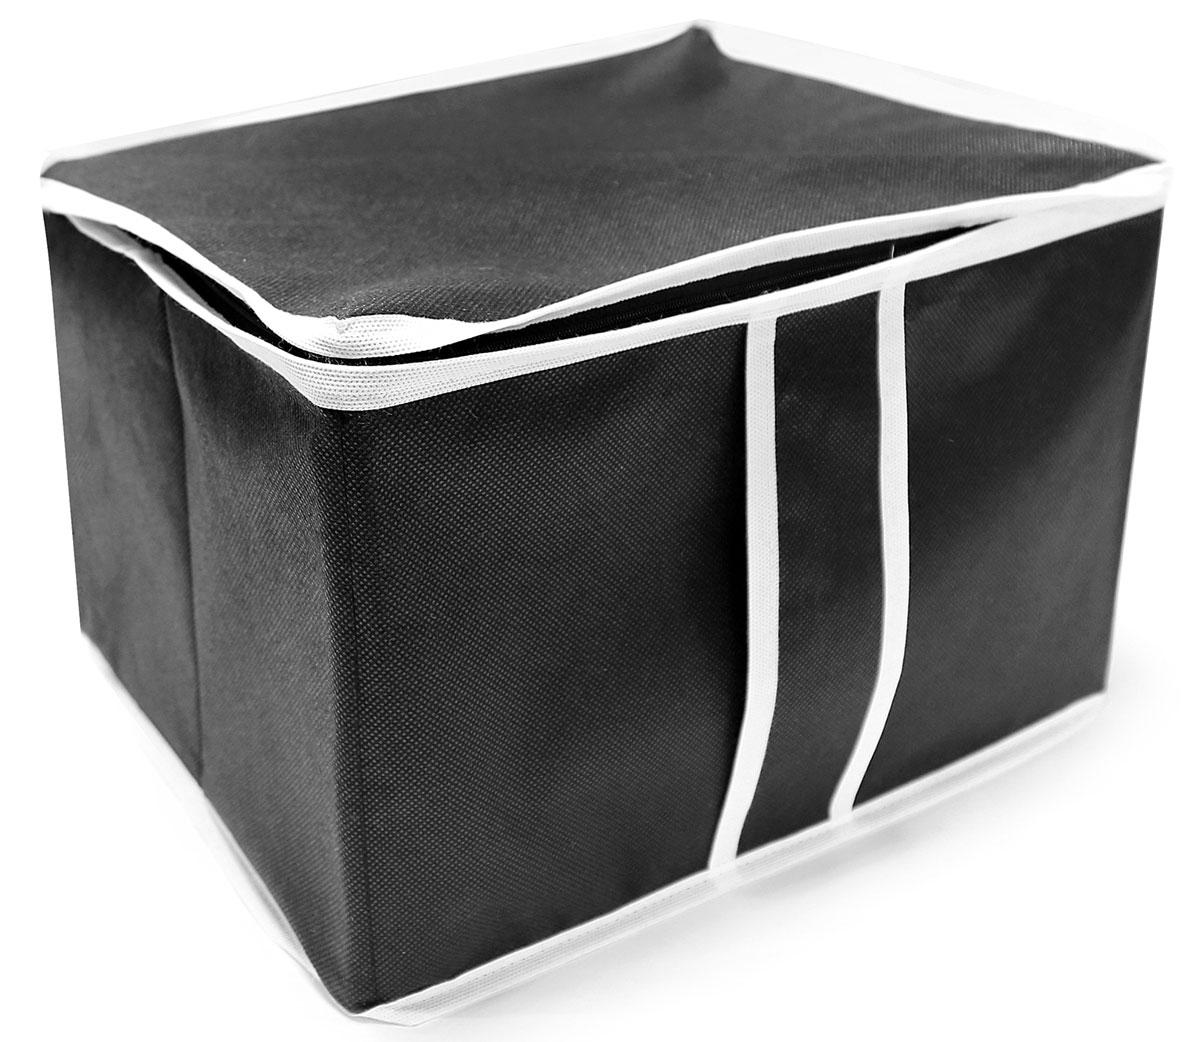 Органайзер для хранения Ева, цвет: черный, 35 х 30 х 25 смЯ4610Раскладная коробка для стеллажей и антресолей из спанбонда. Позволит сэкономить место при хранении. Закрывается крышкой на молнии, твердые стенки и дно. Изготовлена из дышашего материала.